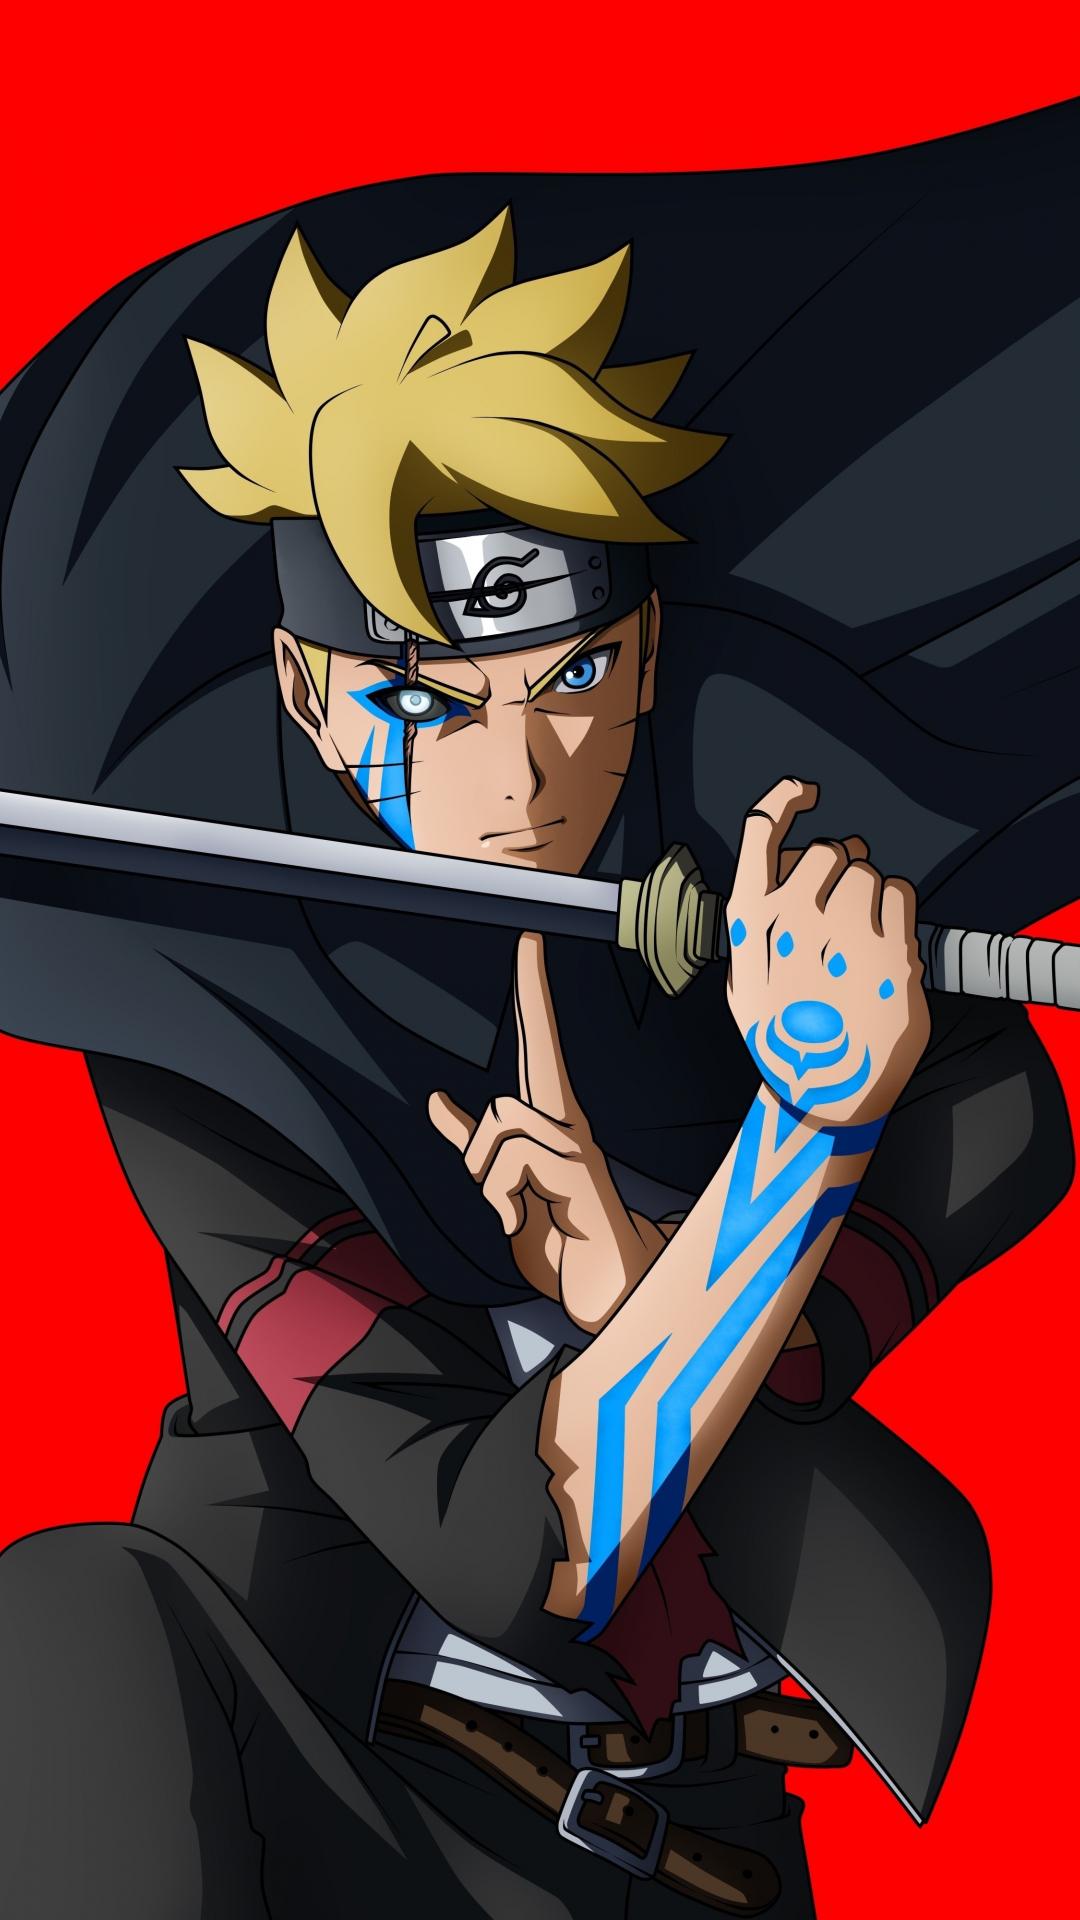 Foto Naruto Keren : naruto, keren, Naruto, Wallpapers, Anime, Wallpaper